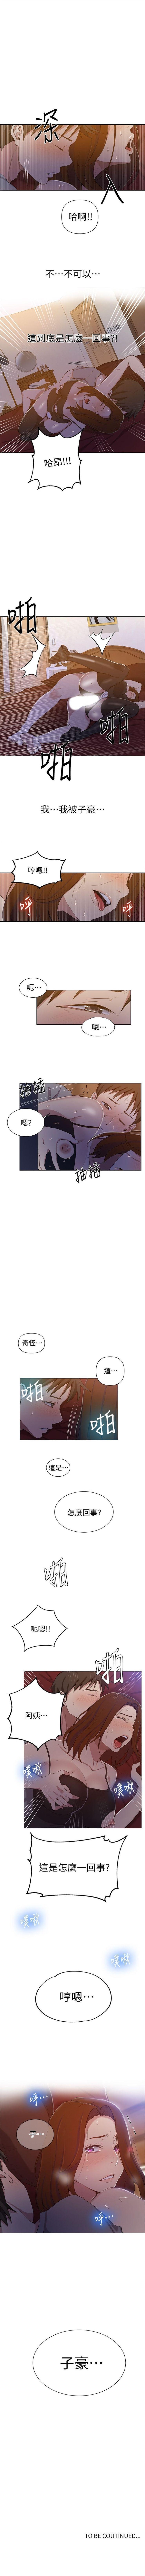 秘密教學  1-50 官方中文(連載中) 263